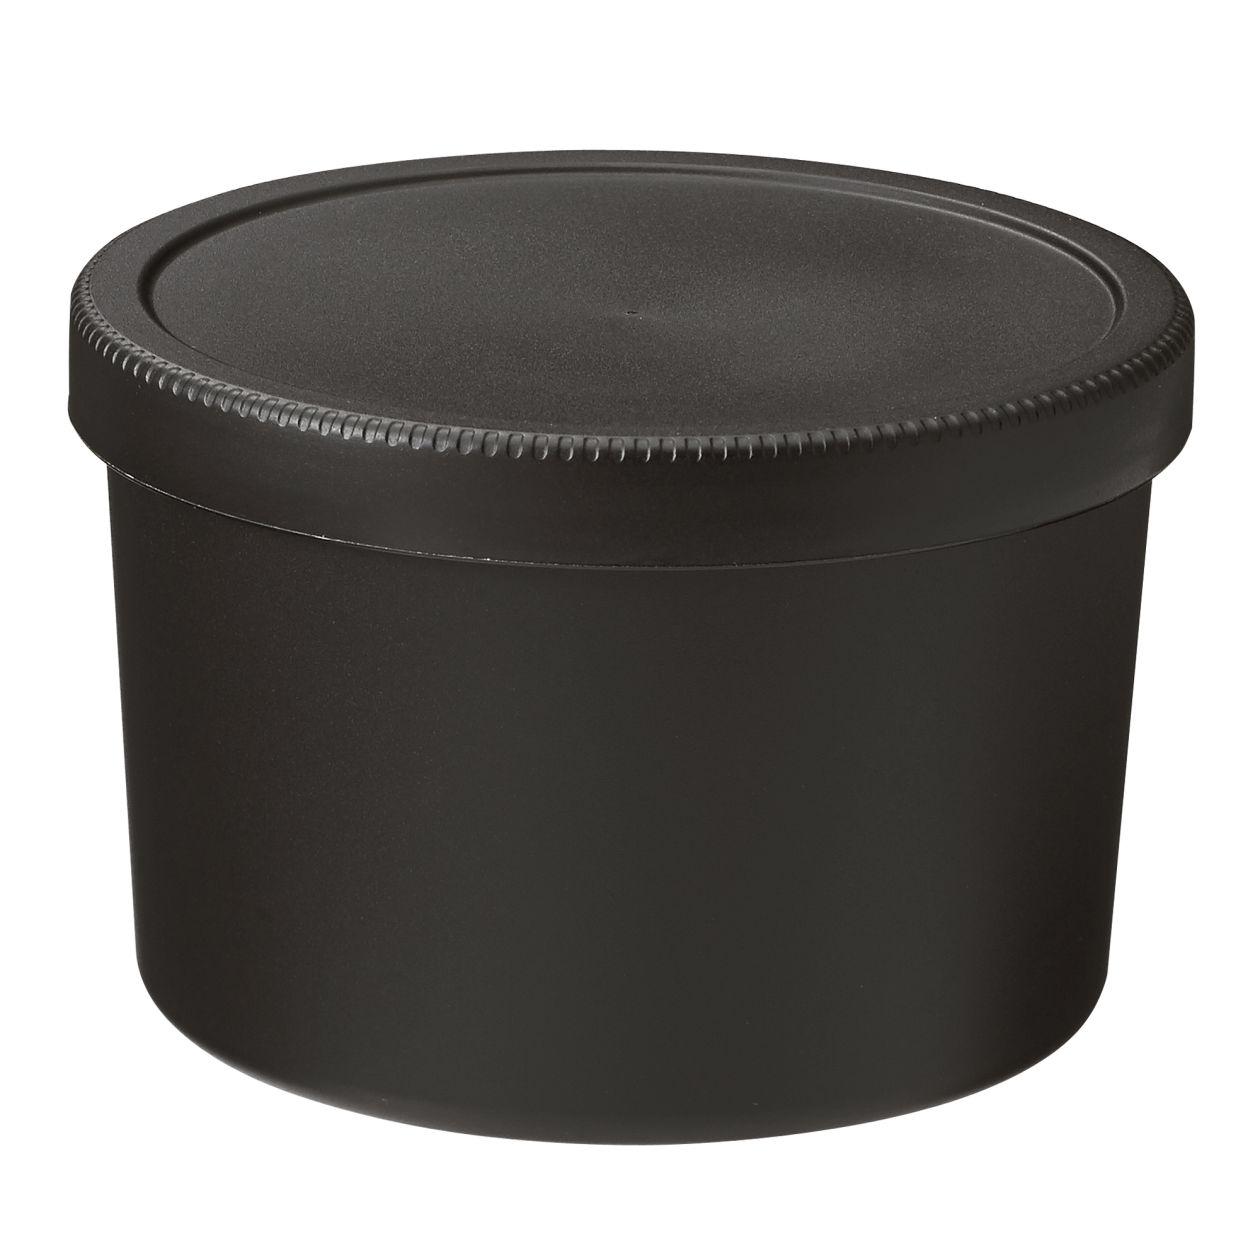 ポリプロピレンスクリューキャップ丸型弁当箱・黒